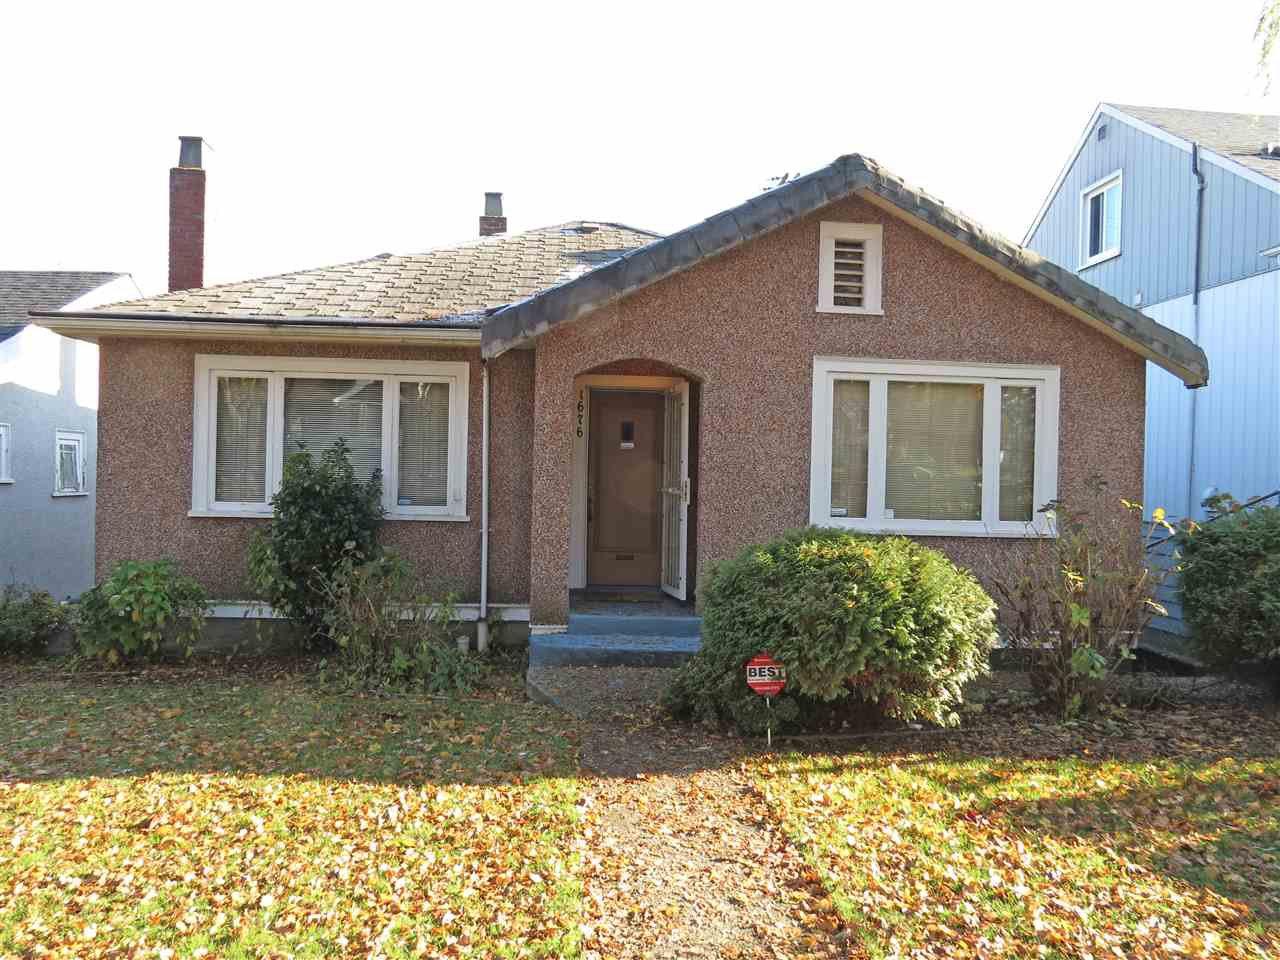 Main Photo: 1676 KAMLOOPS Street in Vancouver: Renfrew VE House for sale (Vancouver East)  : MLS®# R2017017